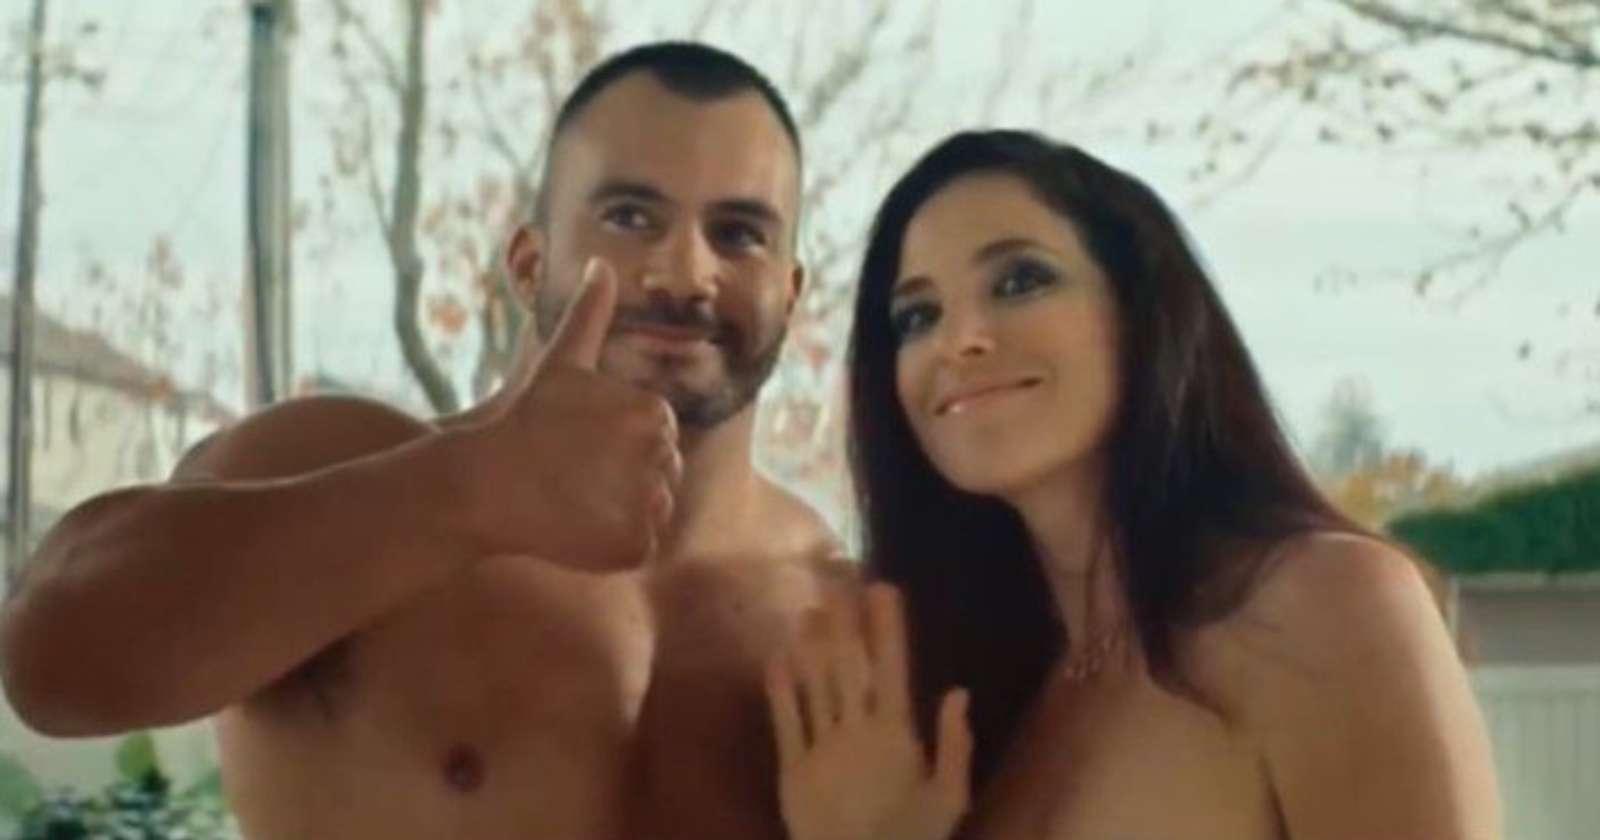 Actores Que Ahora Son Porno actores porno en campaña de educación sexual en nueva zeland